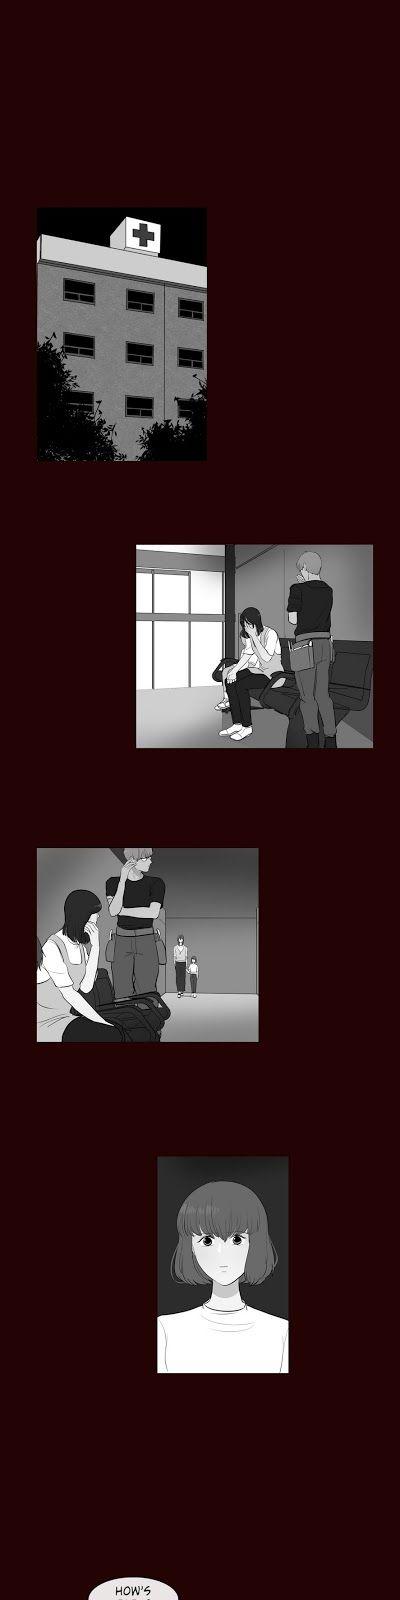 Serenade (keum Kyesoo) - Chapter 22